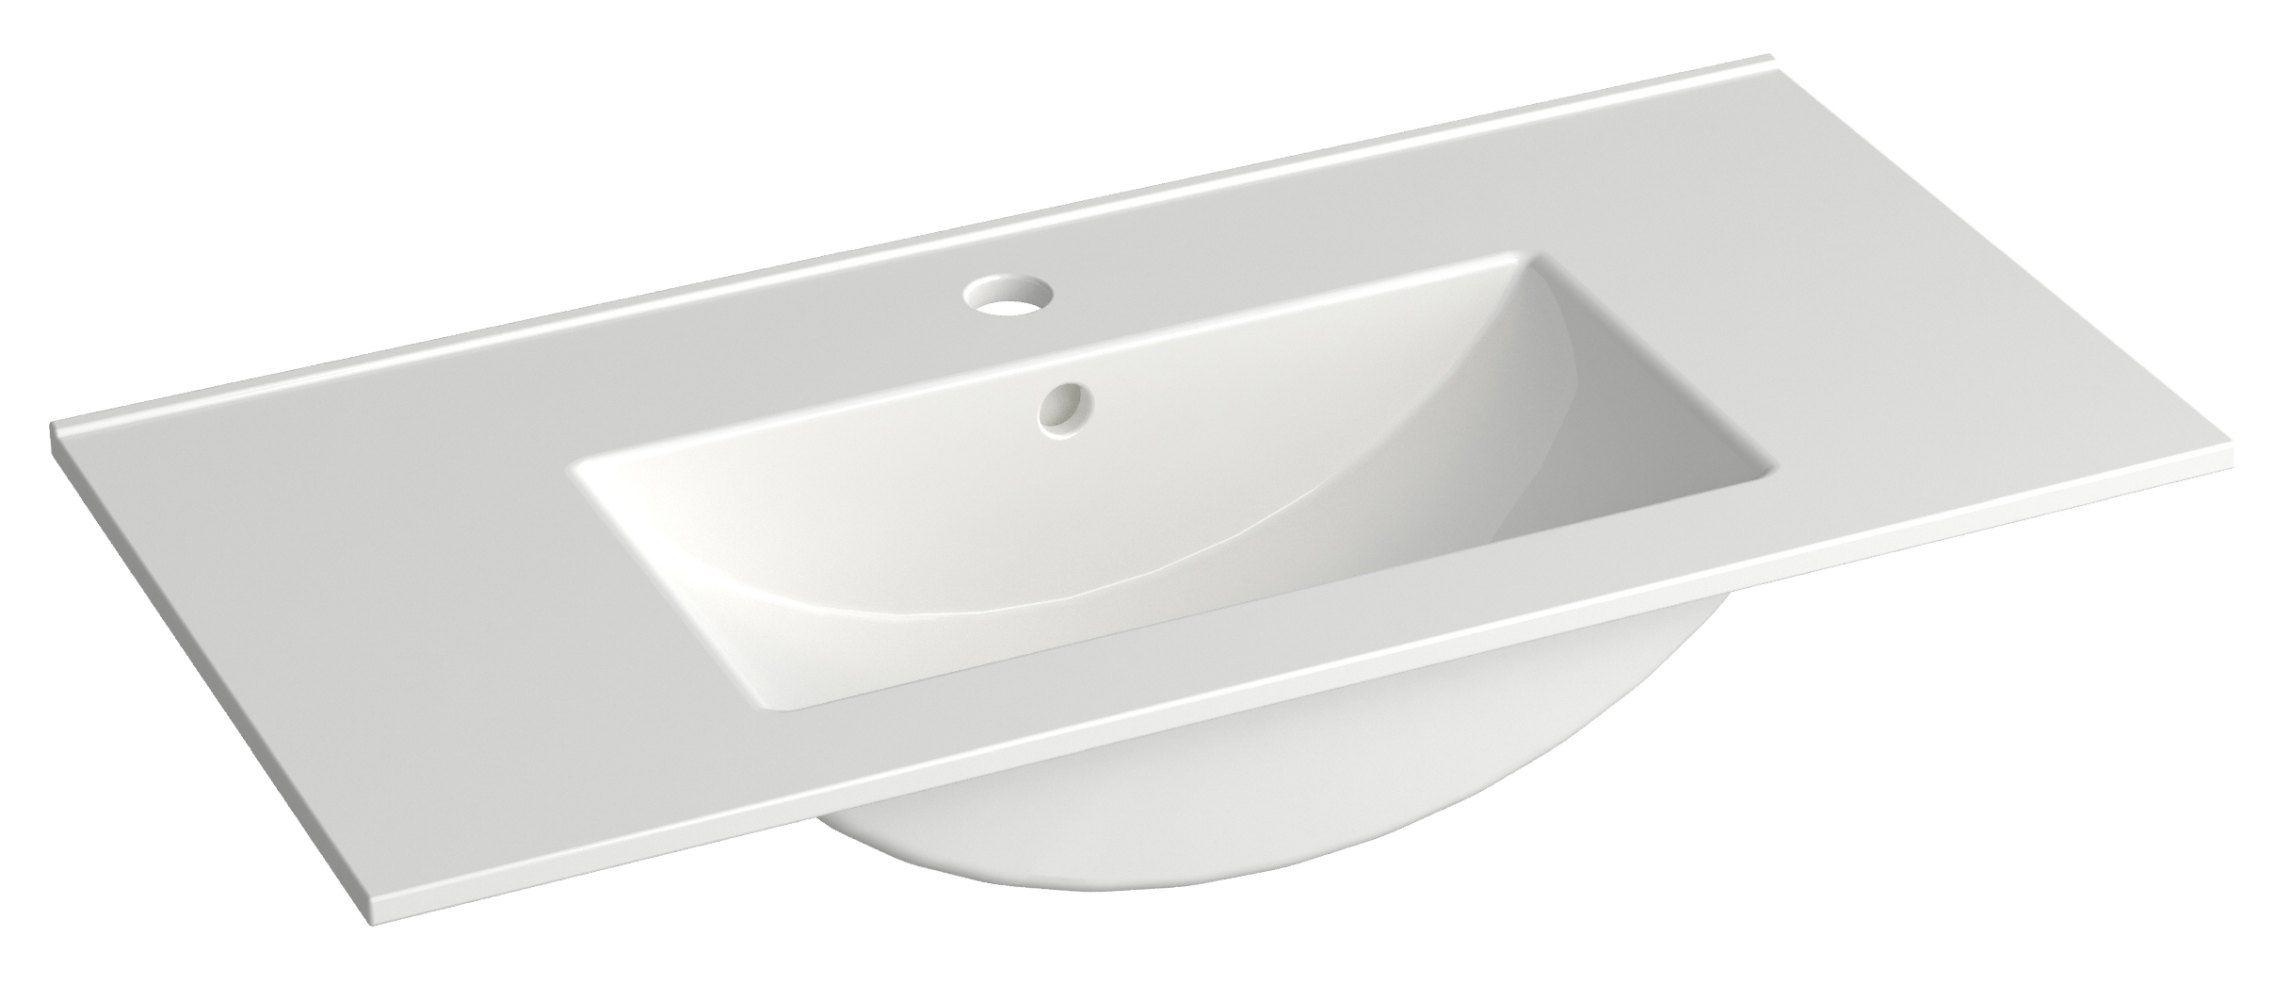 Bad - Waschbecken Bokaro 08, Farbe: Weiß – 13 x 81 x 39 cm (H x B x T)